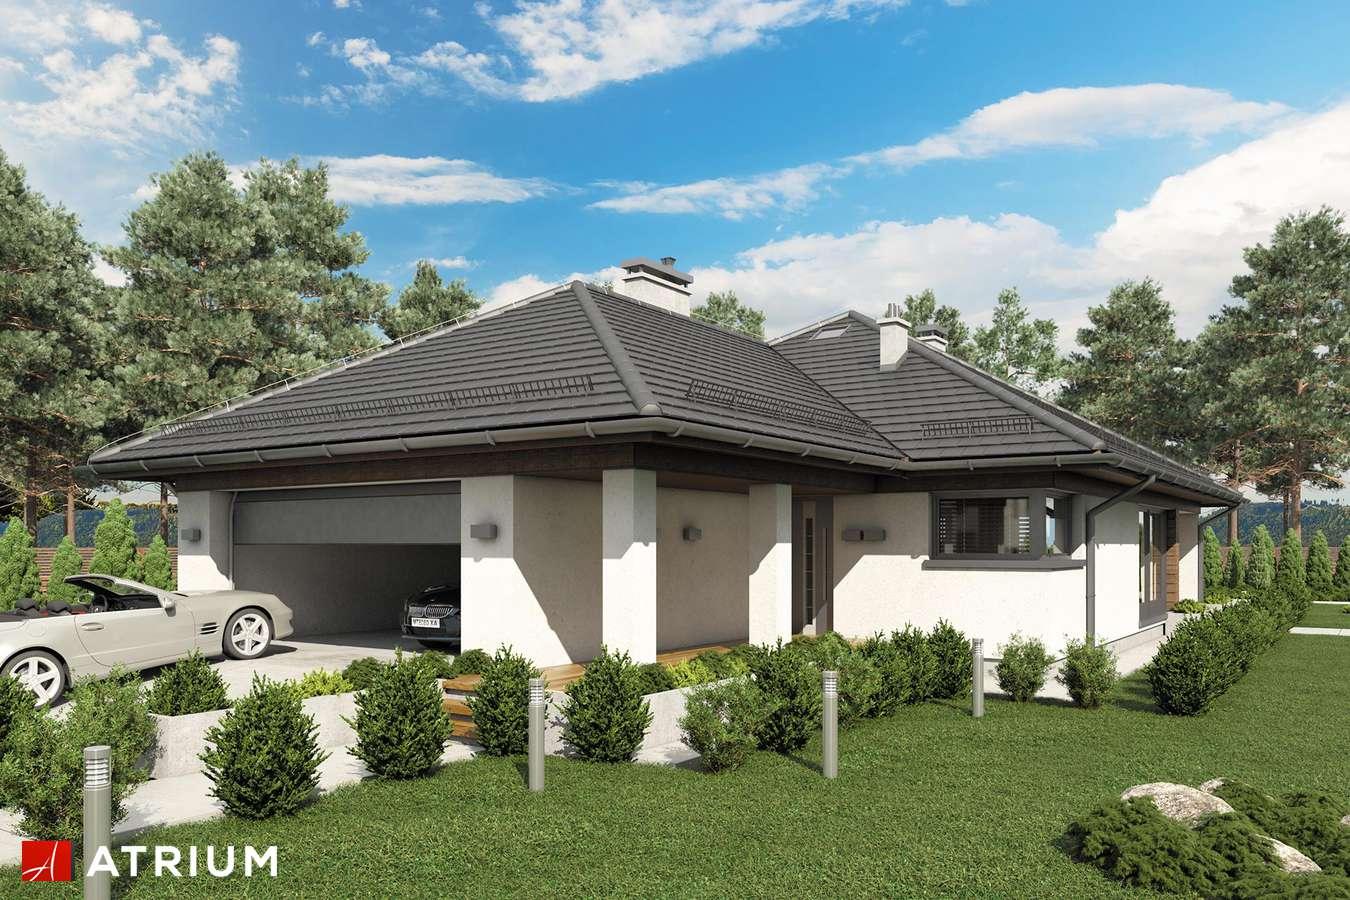 Projekty domów - Projekt domu parterowego MORGAN II - wizualizacja 1 - wersja lustrzana